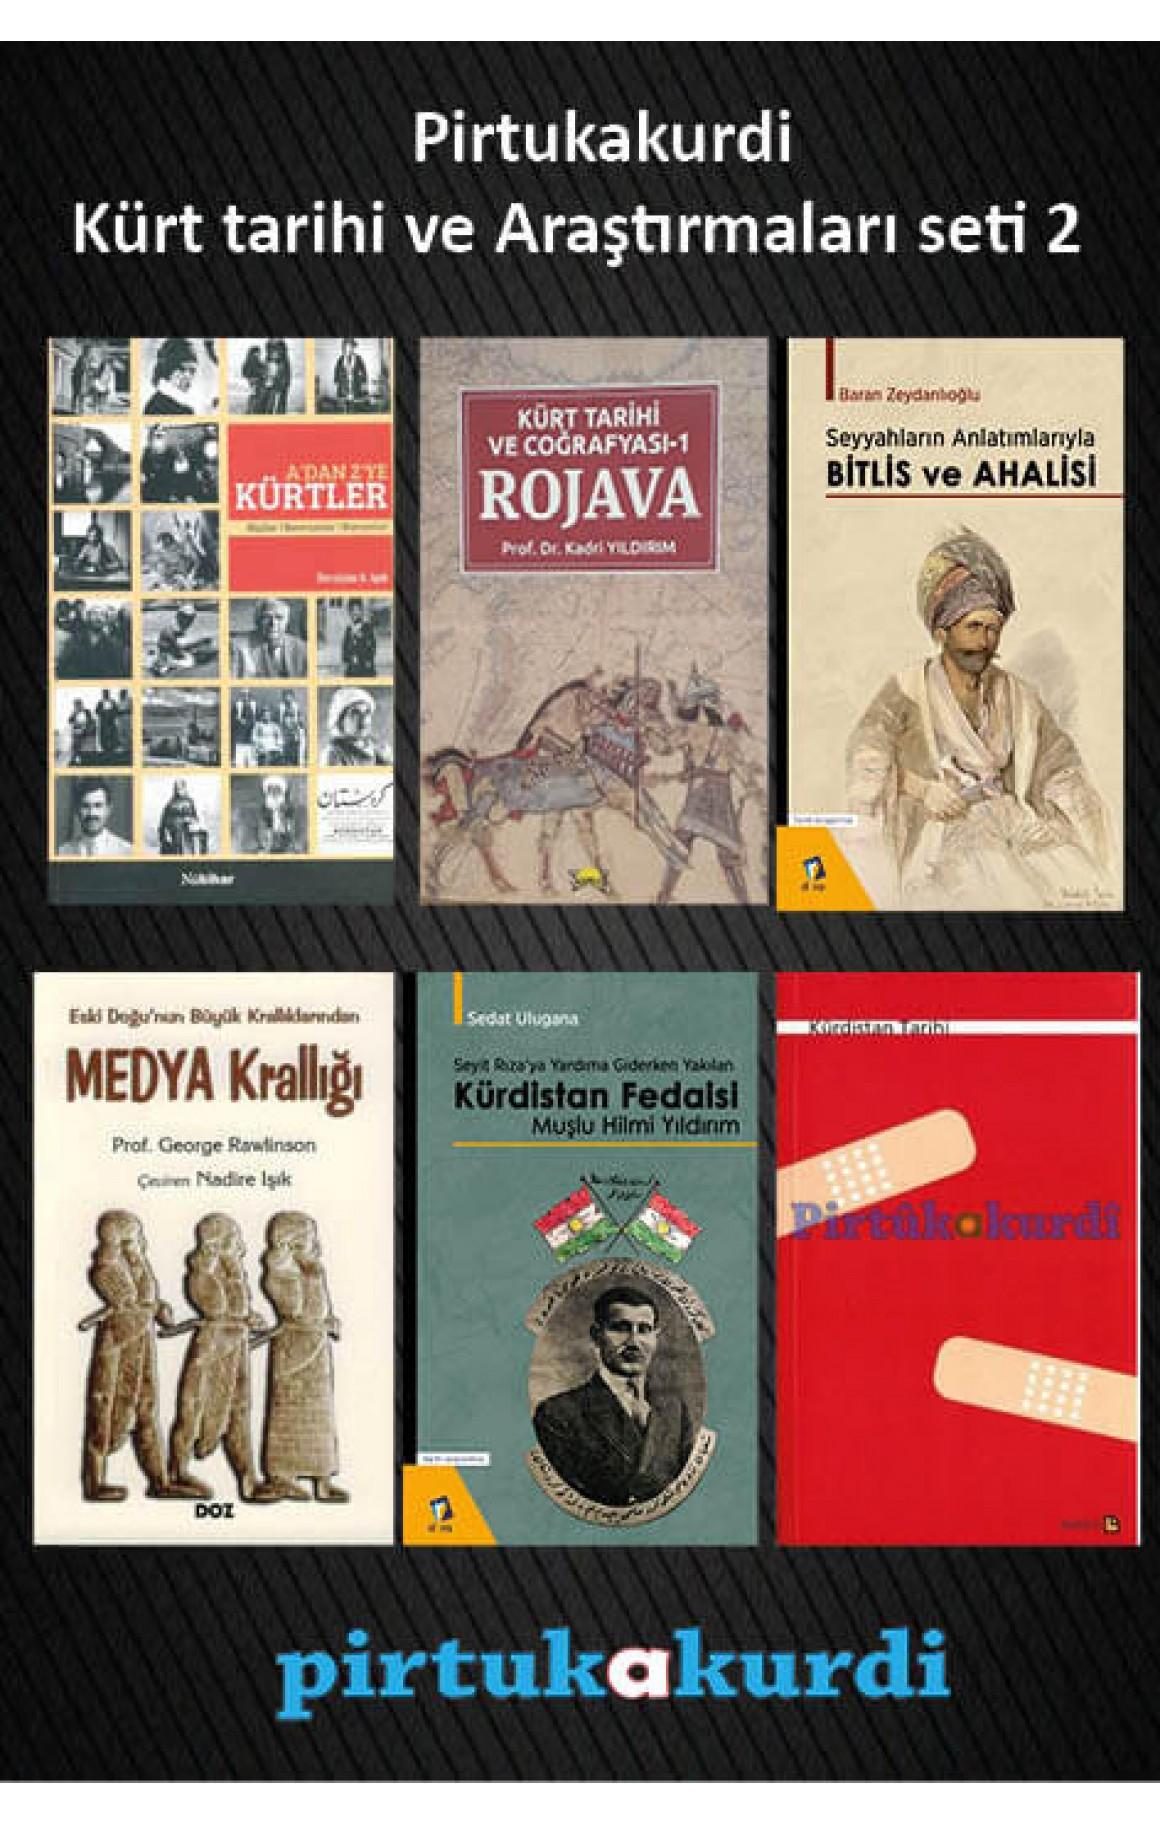 Pirtukakurdi Kürt Tarihi ve Araştırmaları Seti 2